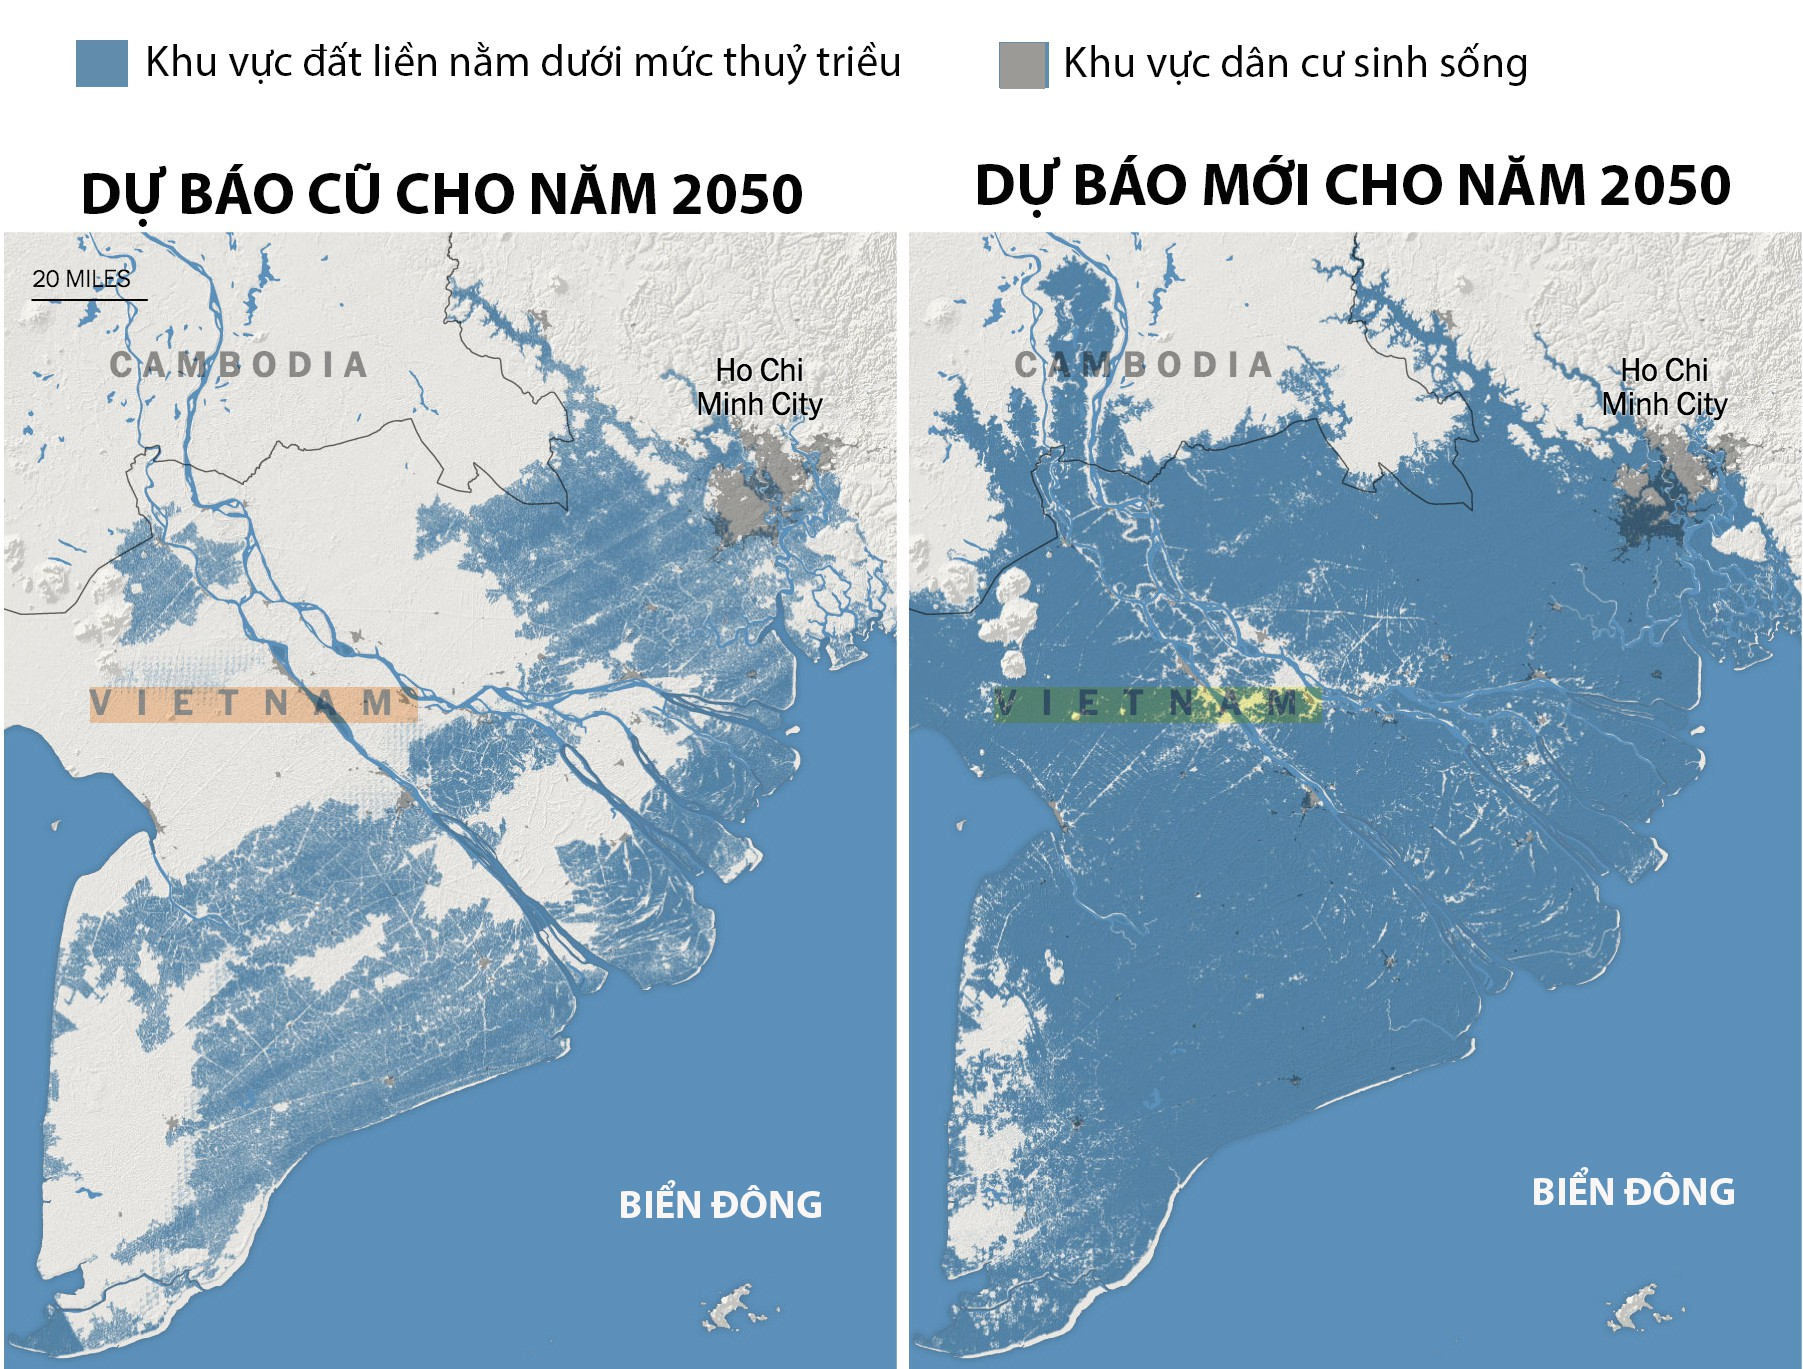 Bản đồ ngập lụt của miền Nam Việt Nam vào năm 2050. Ảnh: New York Times.